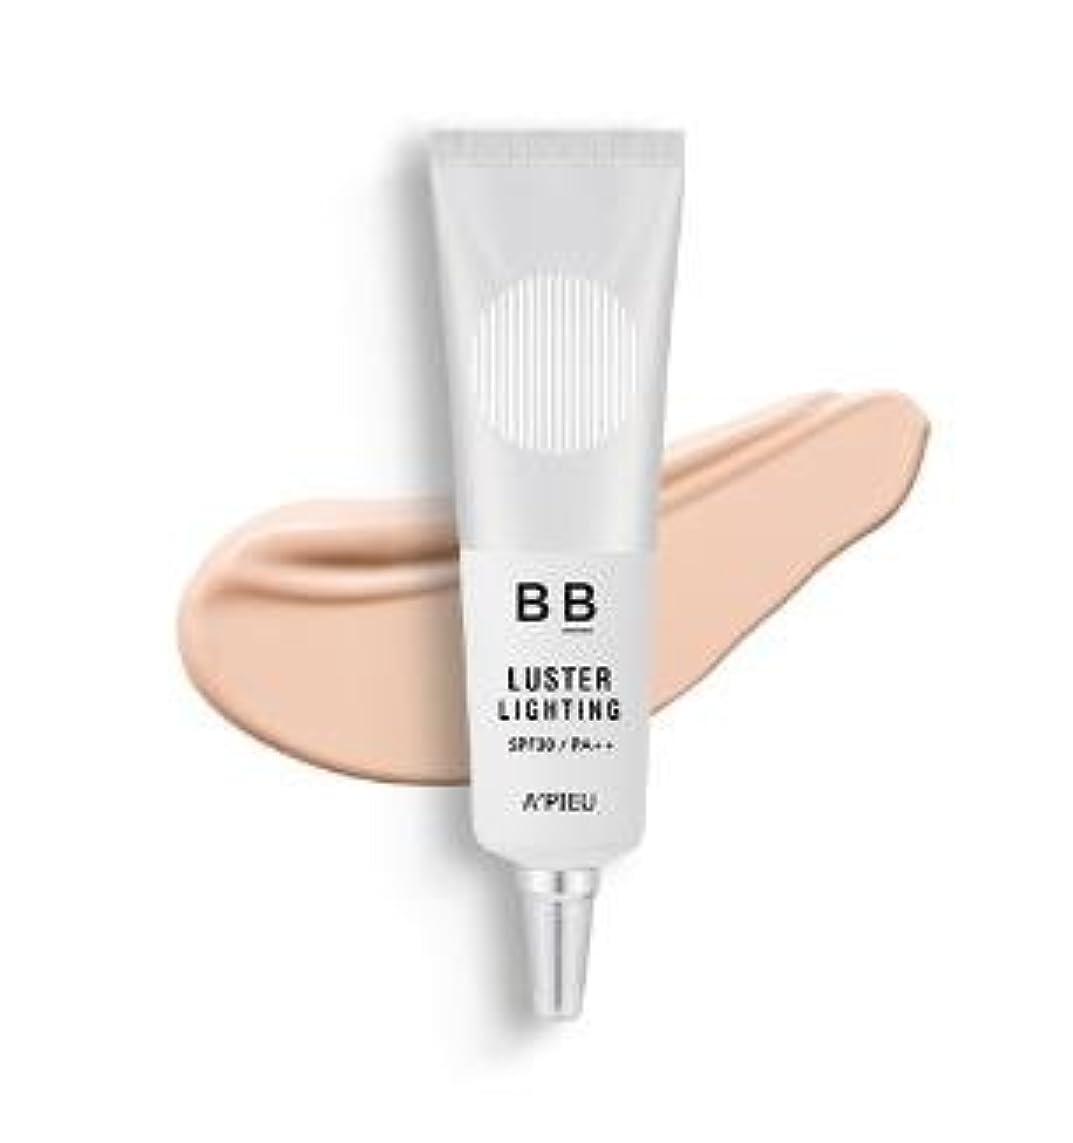 市の中心部コンバーチブル郡APIEU Luster Lighting BB Cream No. 21 アピュ 潤光 BB クリーム20g [並行輸入品]